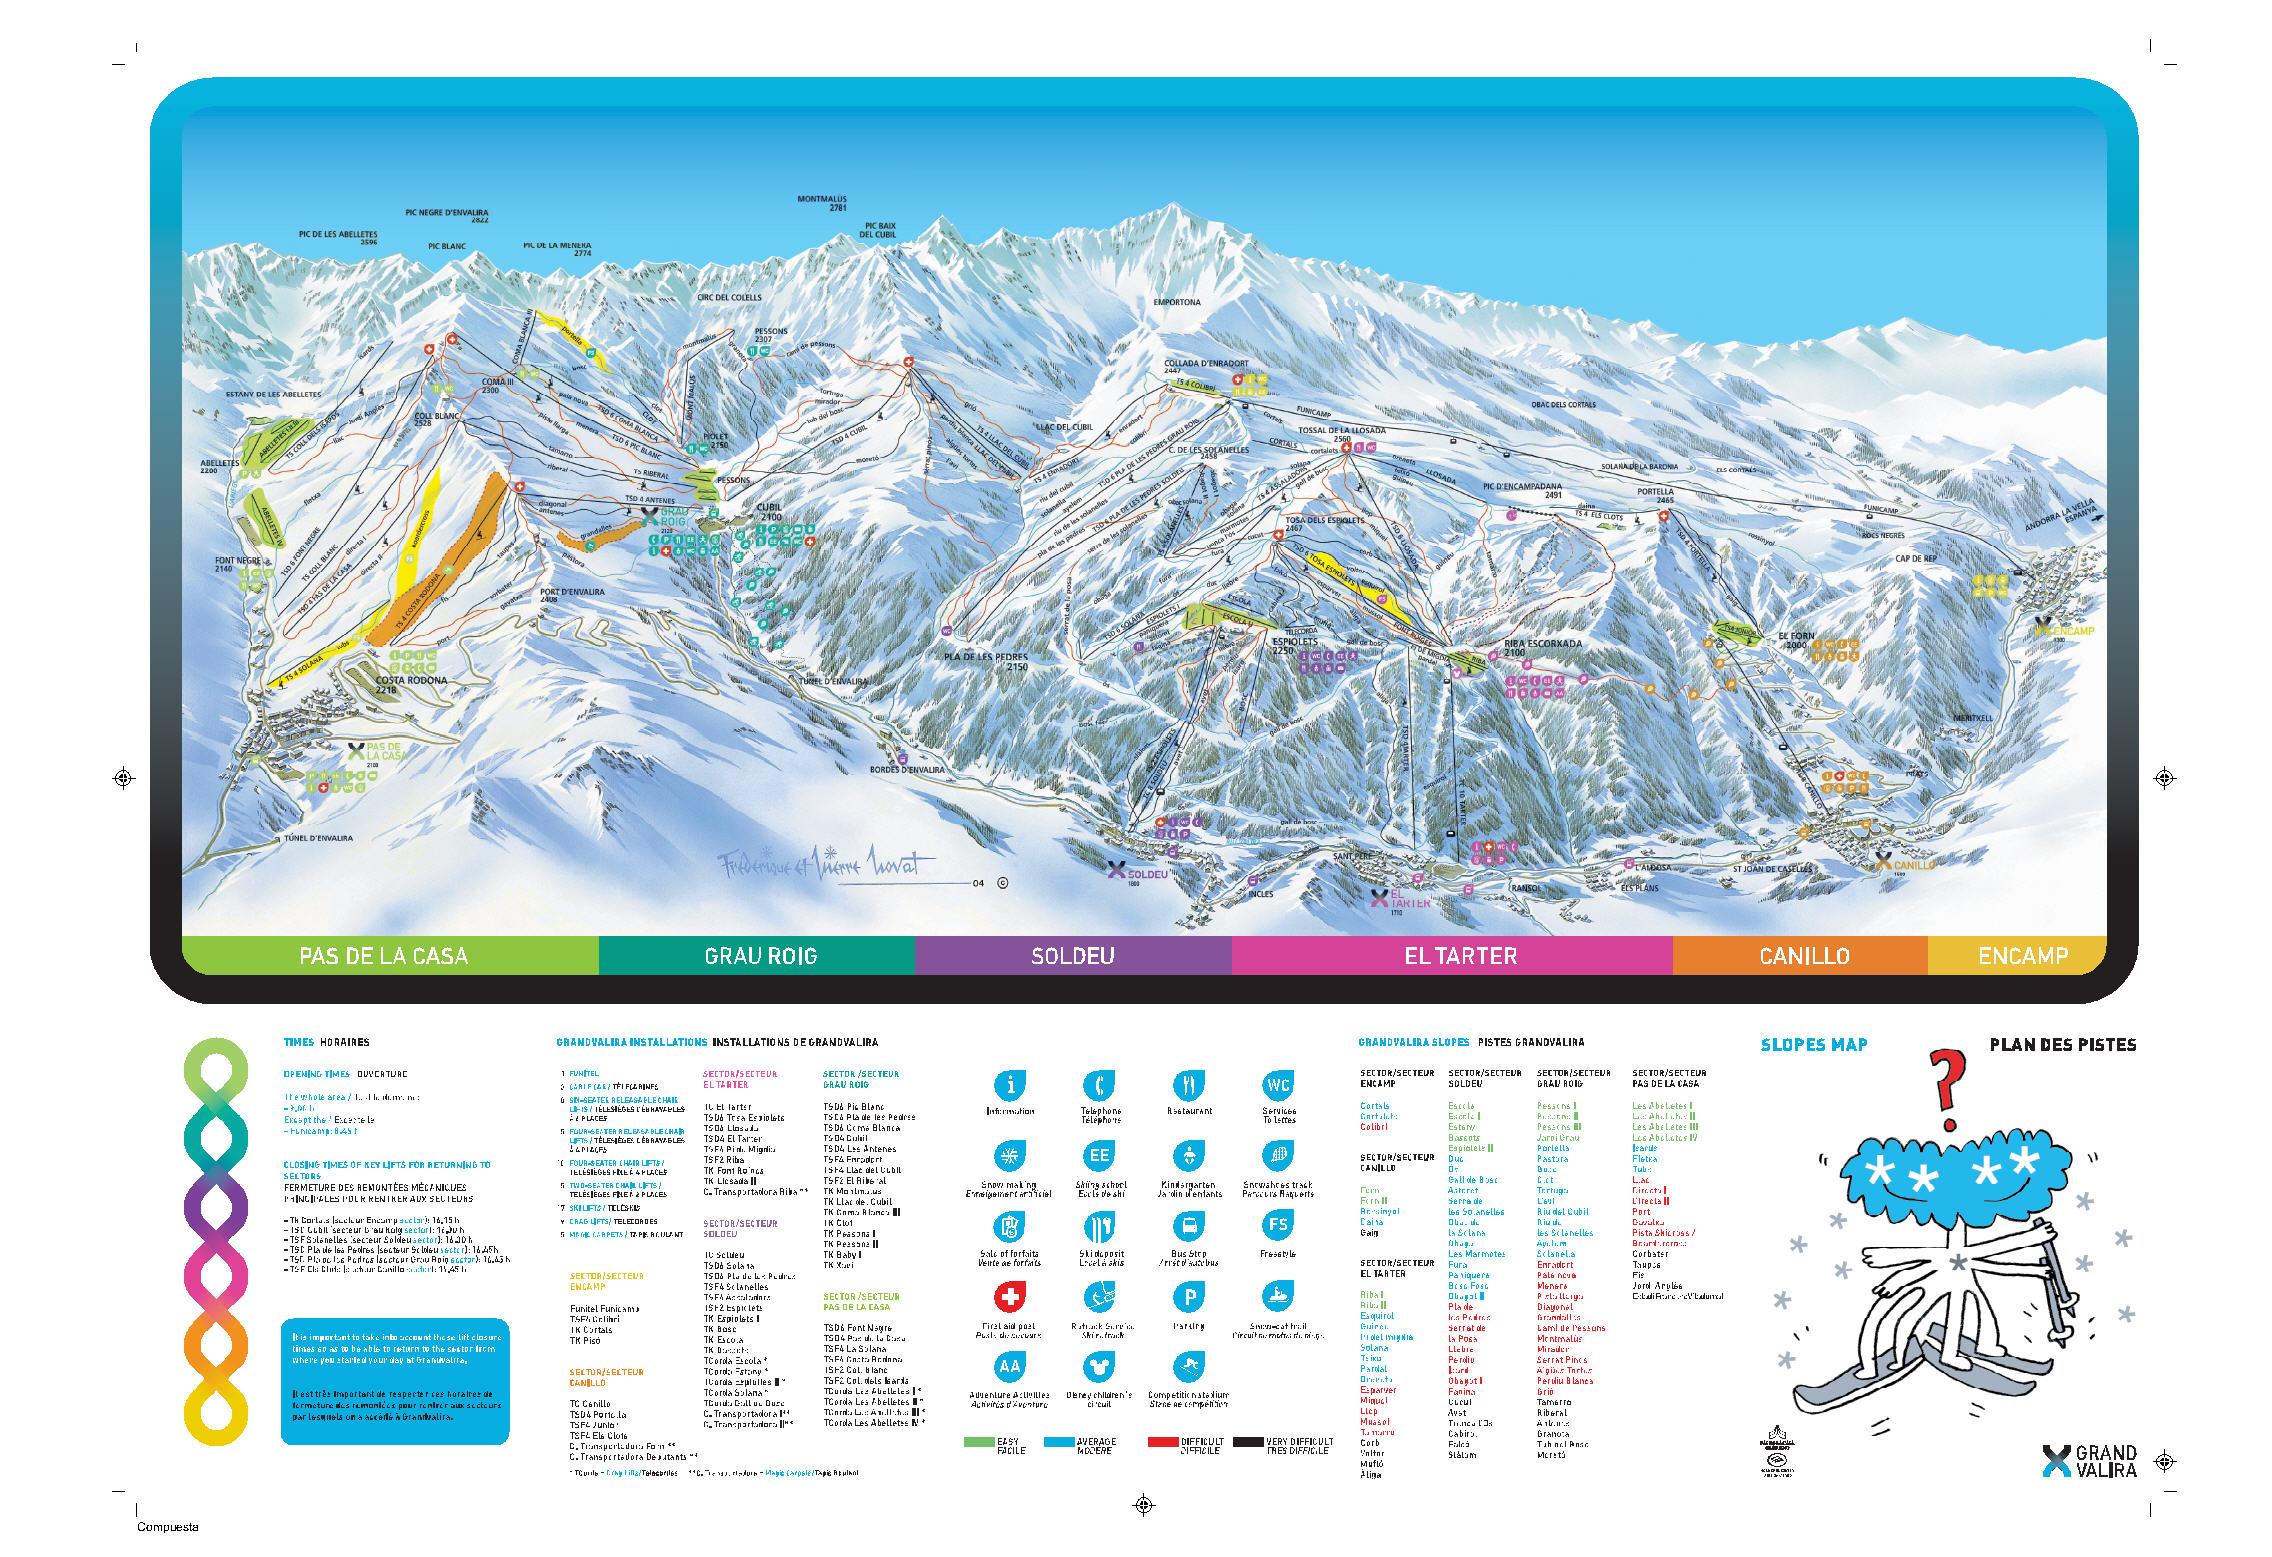 Grandvalira-Grau Roig Piste / Trail Map